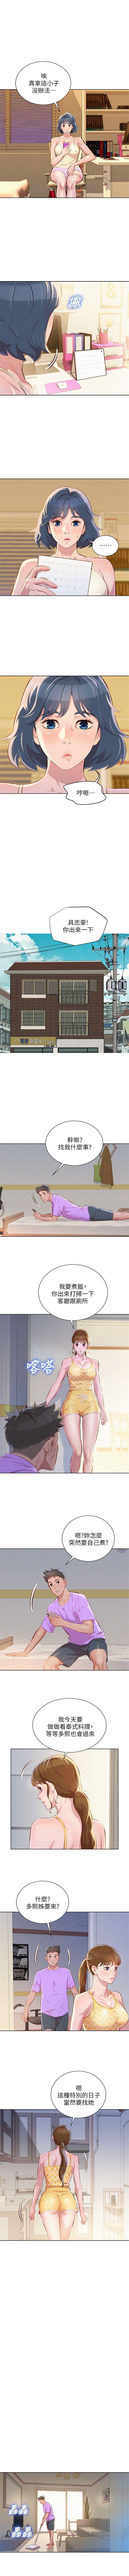 (周7)漂亮干姐姐  1-79 中文翻译 (更新中) 233